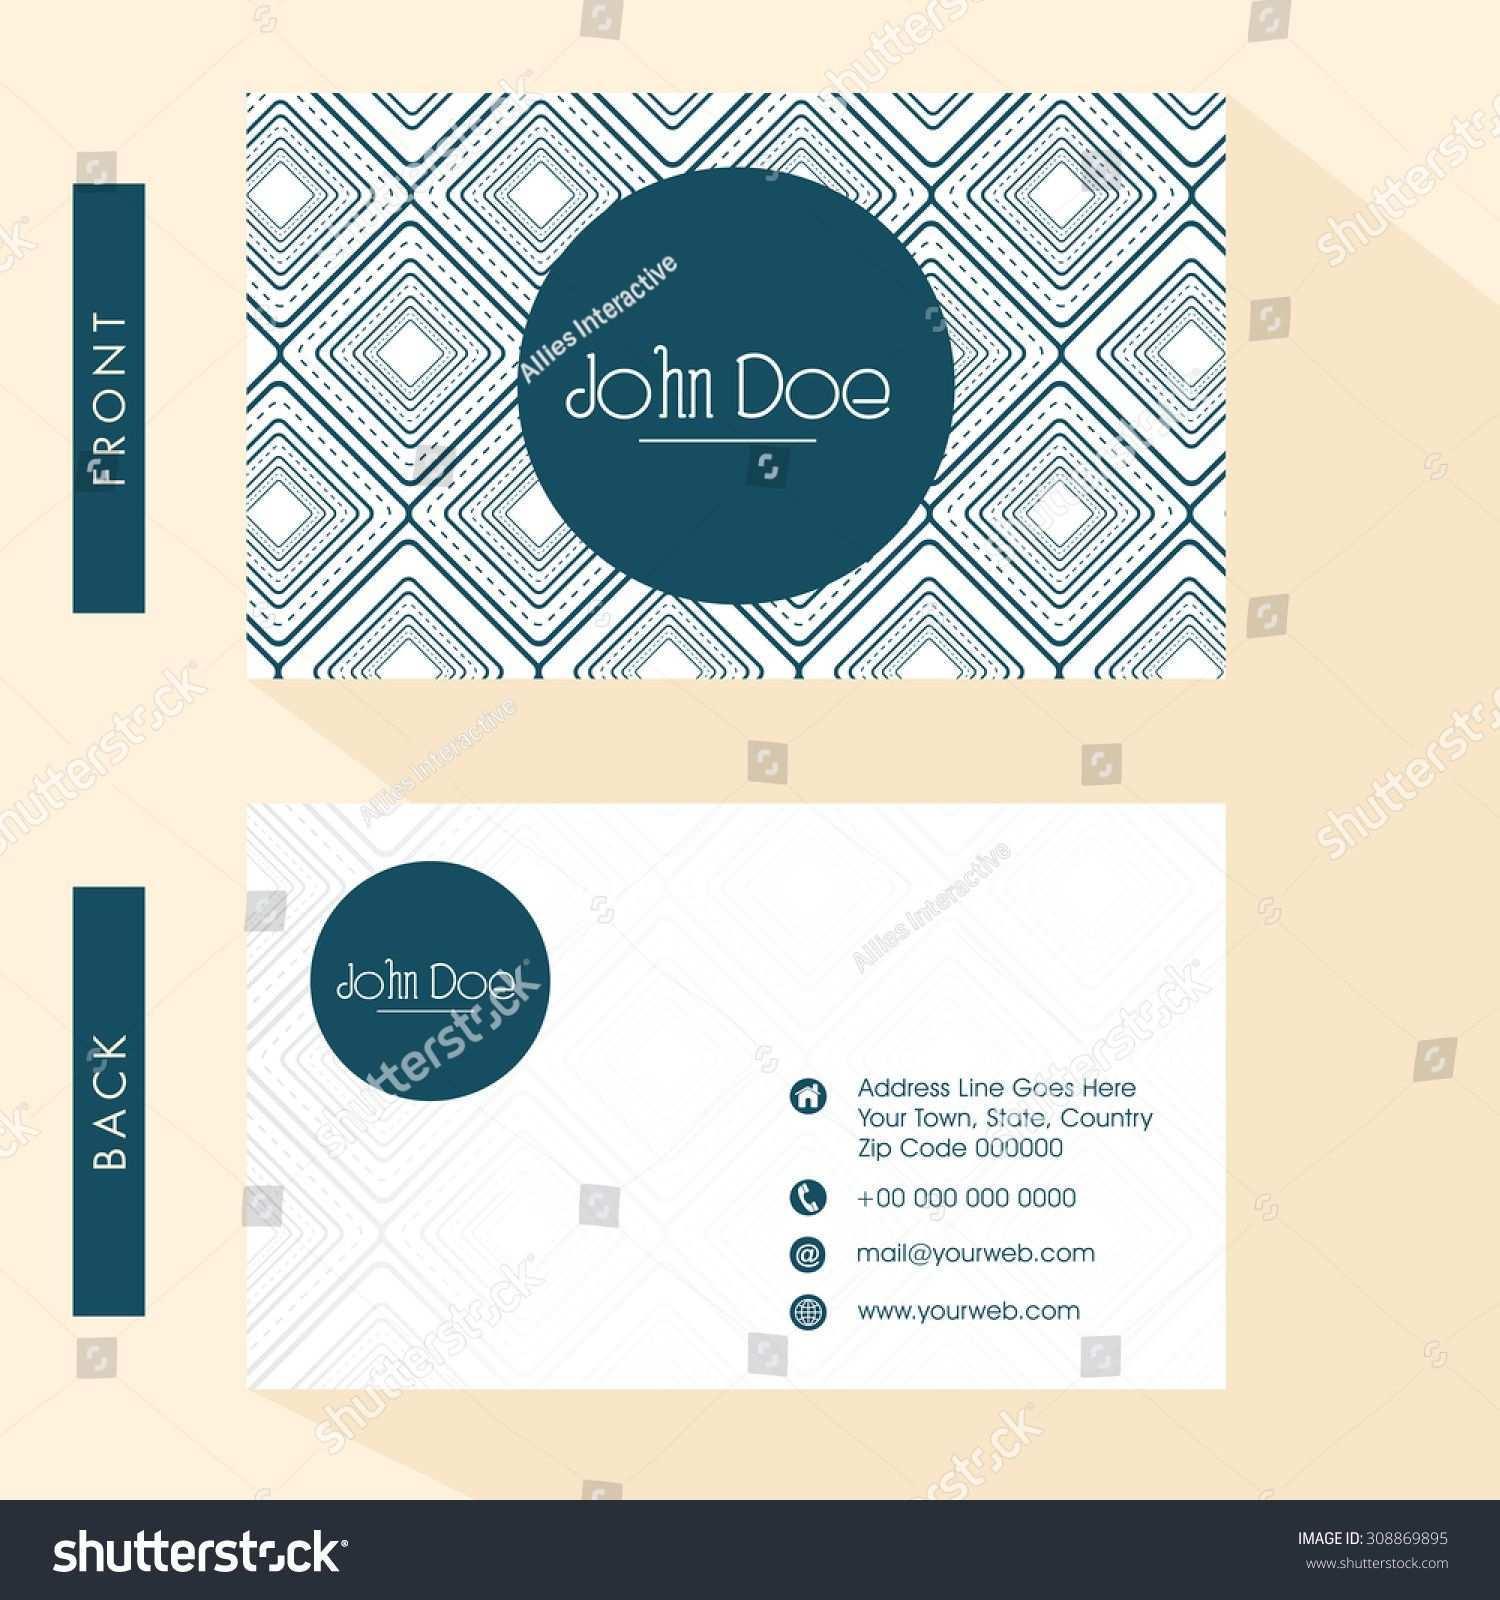 Kostenlose Visitenkarten Vorder Und Ruckseite Plus Adobe Illustrator Visitenkarte Vorlage Vorder U Visitenkarten Visitenkarten Vorlagen Visitenkarten Kostenlos